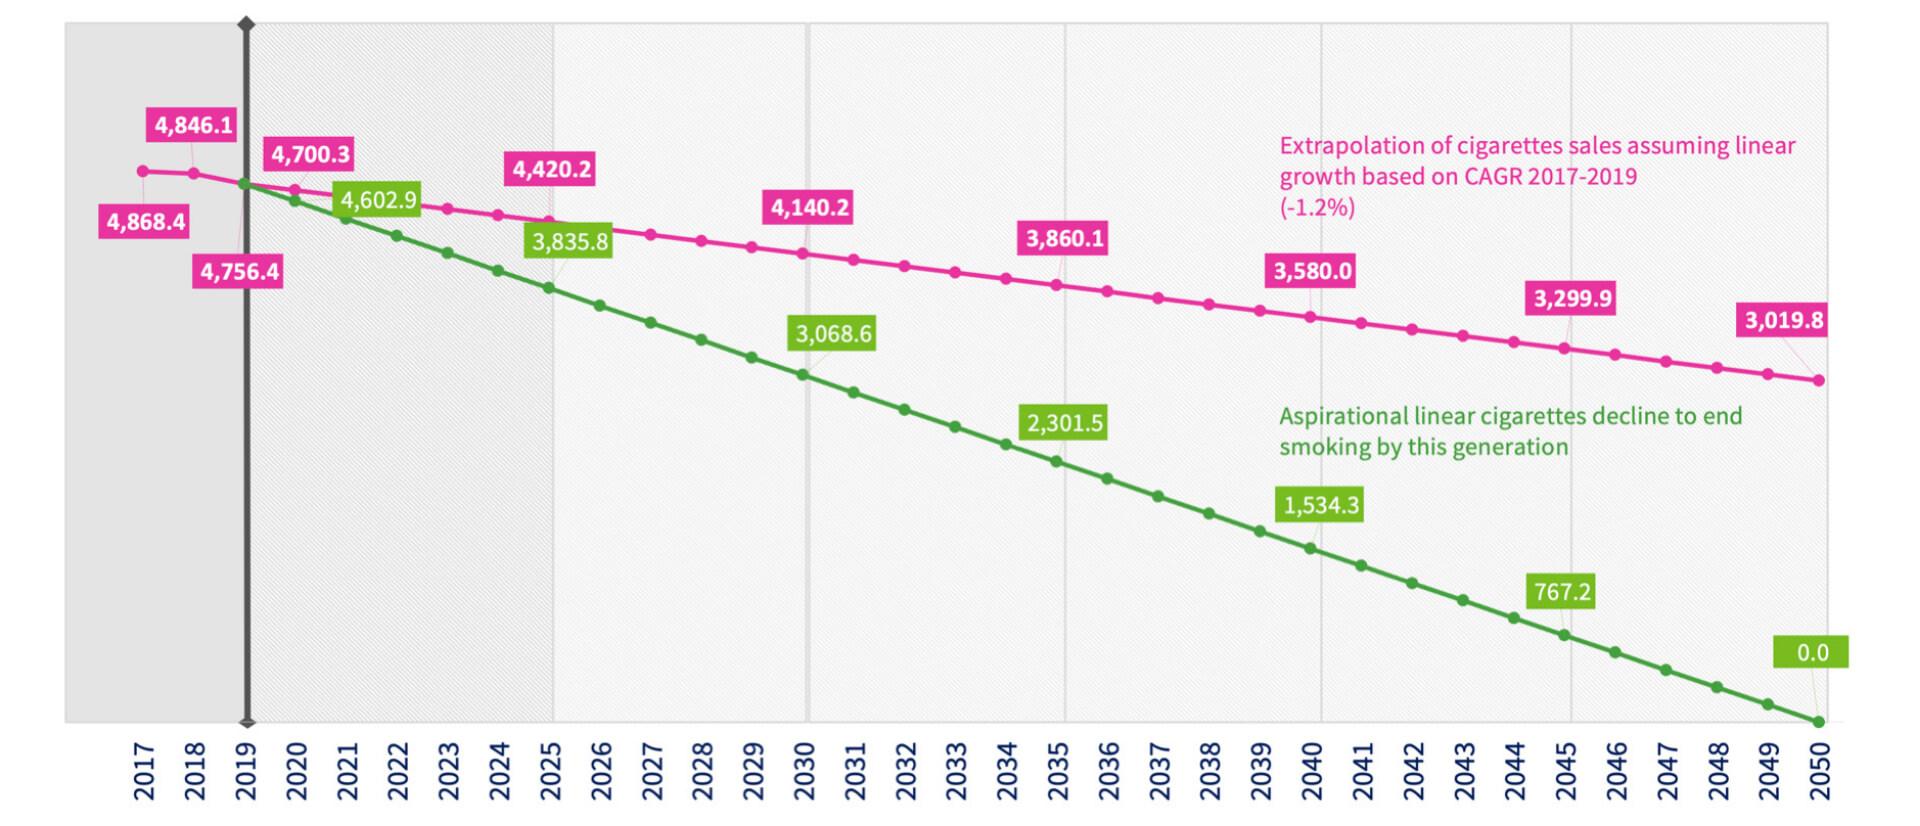 cigarette sales decline